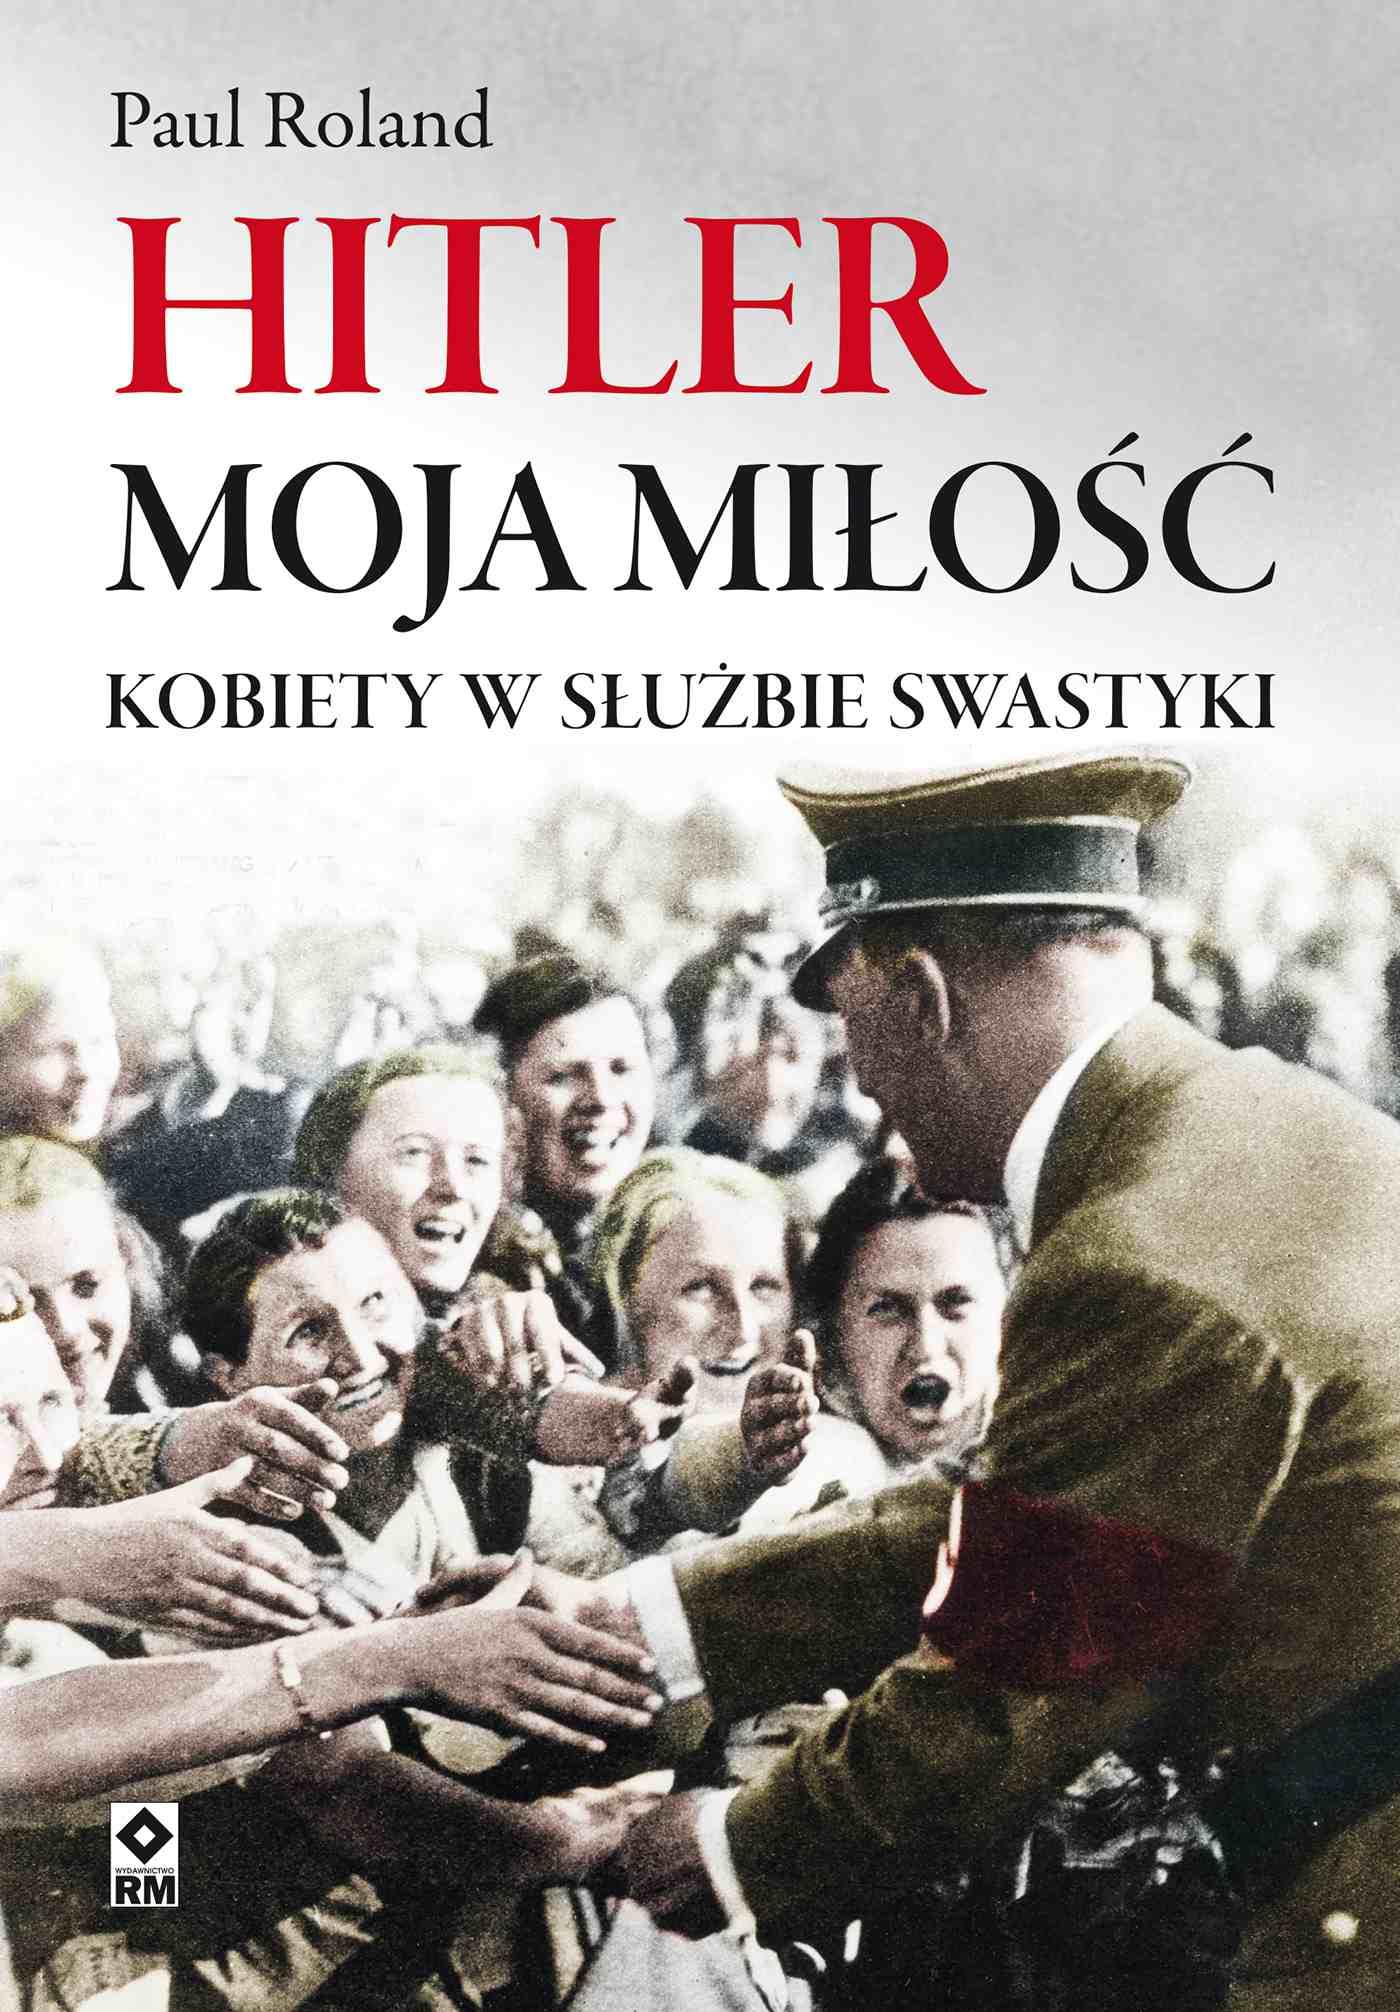 Hitler moja miłość. Kobiety wsłużbie swastyki - Ebook (Książka EPUB) do pobrania w formacie EPUB